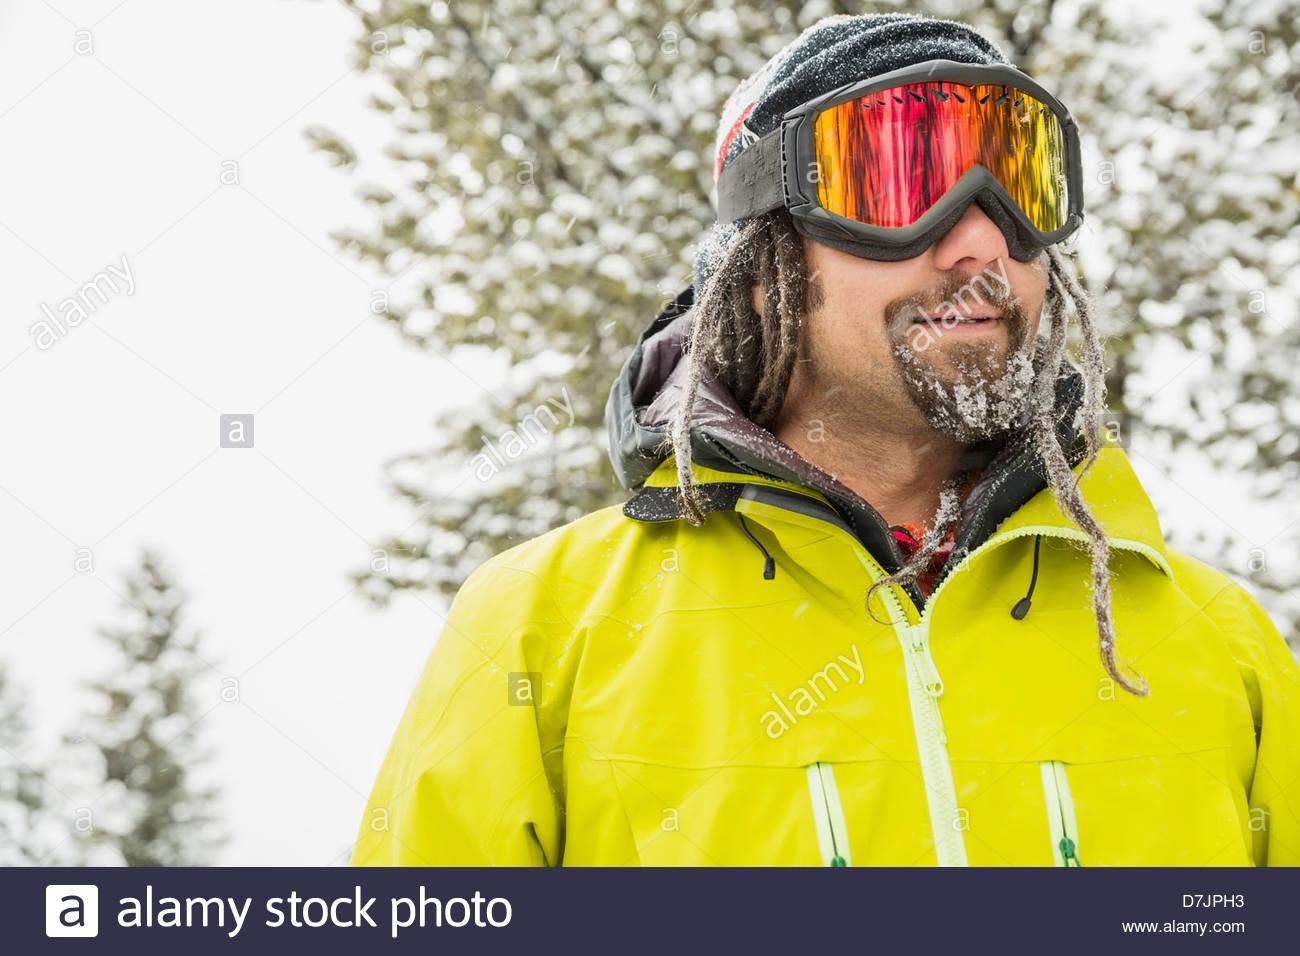 Homme portant des lunettes de ski en hiver Photo Stock